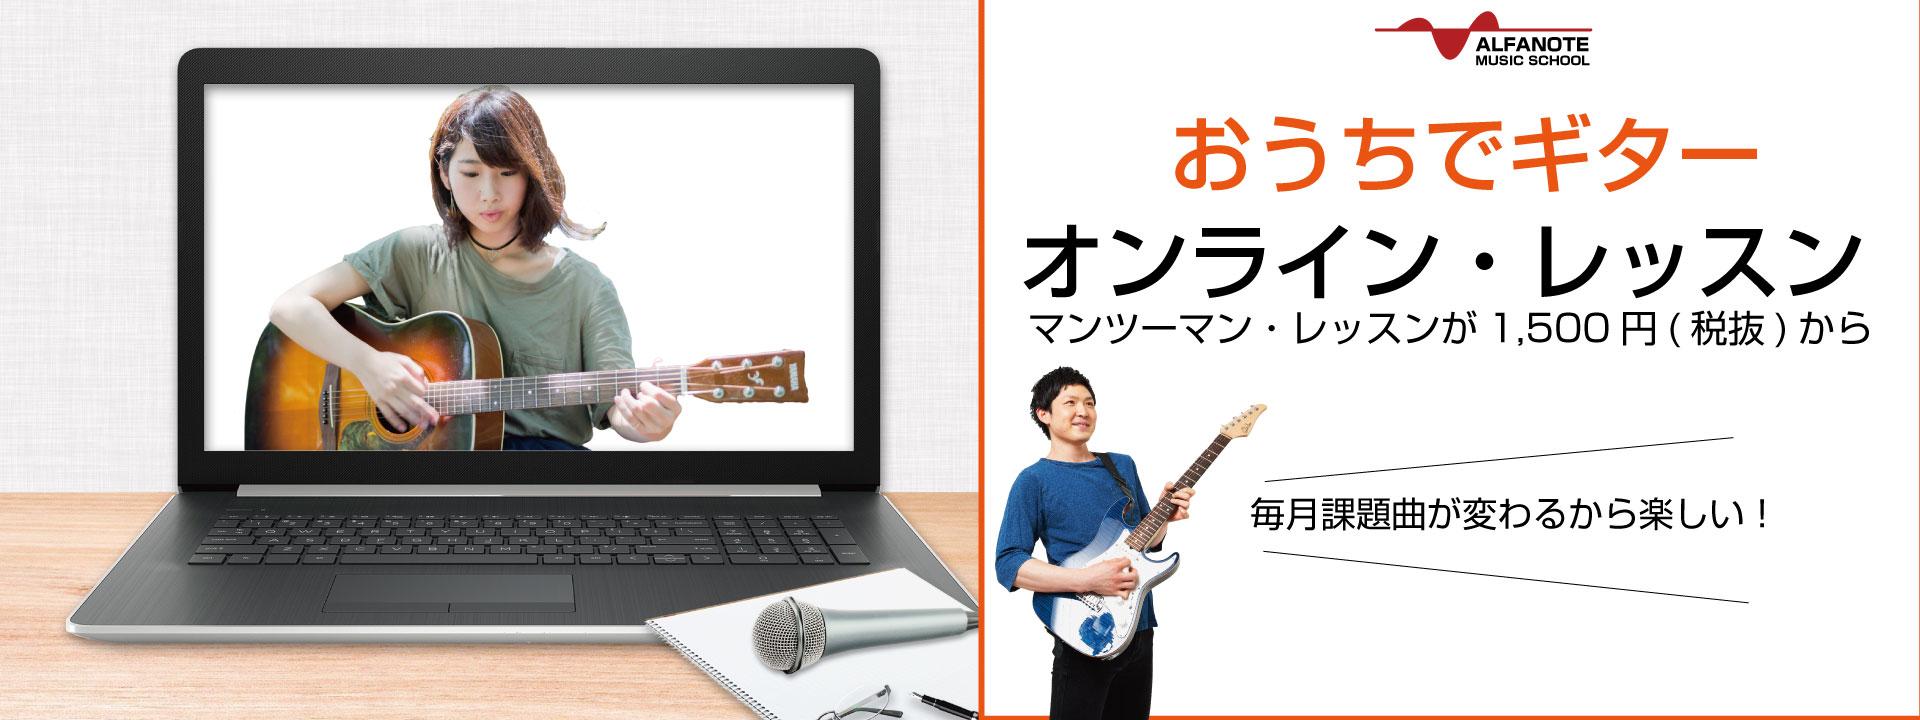 おうちでギターオンライン・レッスンマンツーマン・レッスンが1500円(税抜)から